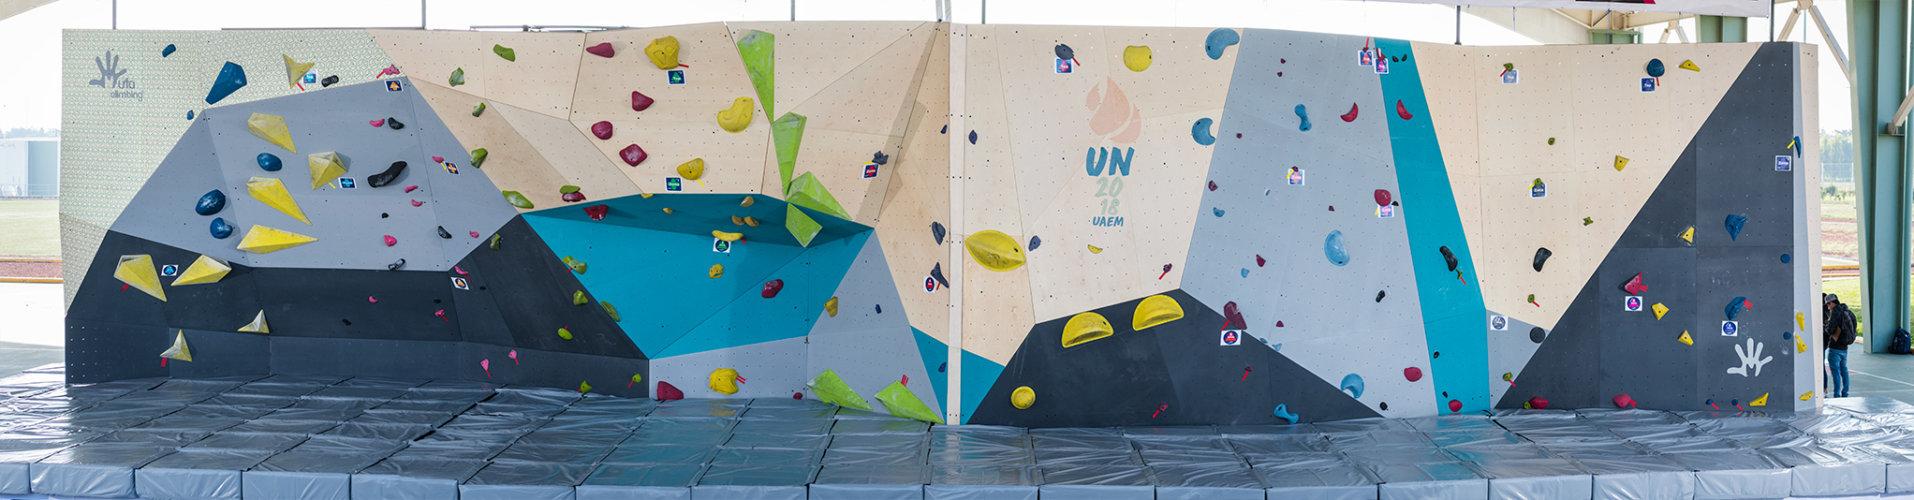 renta-de-muros-de-escalada-2019-copyright-Muta-Climbing